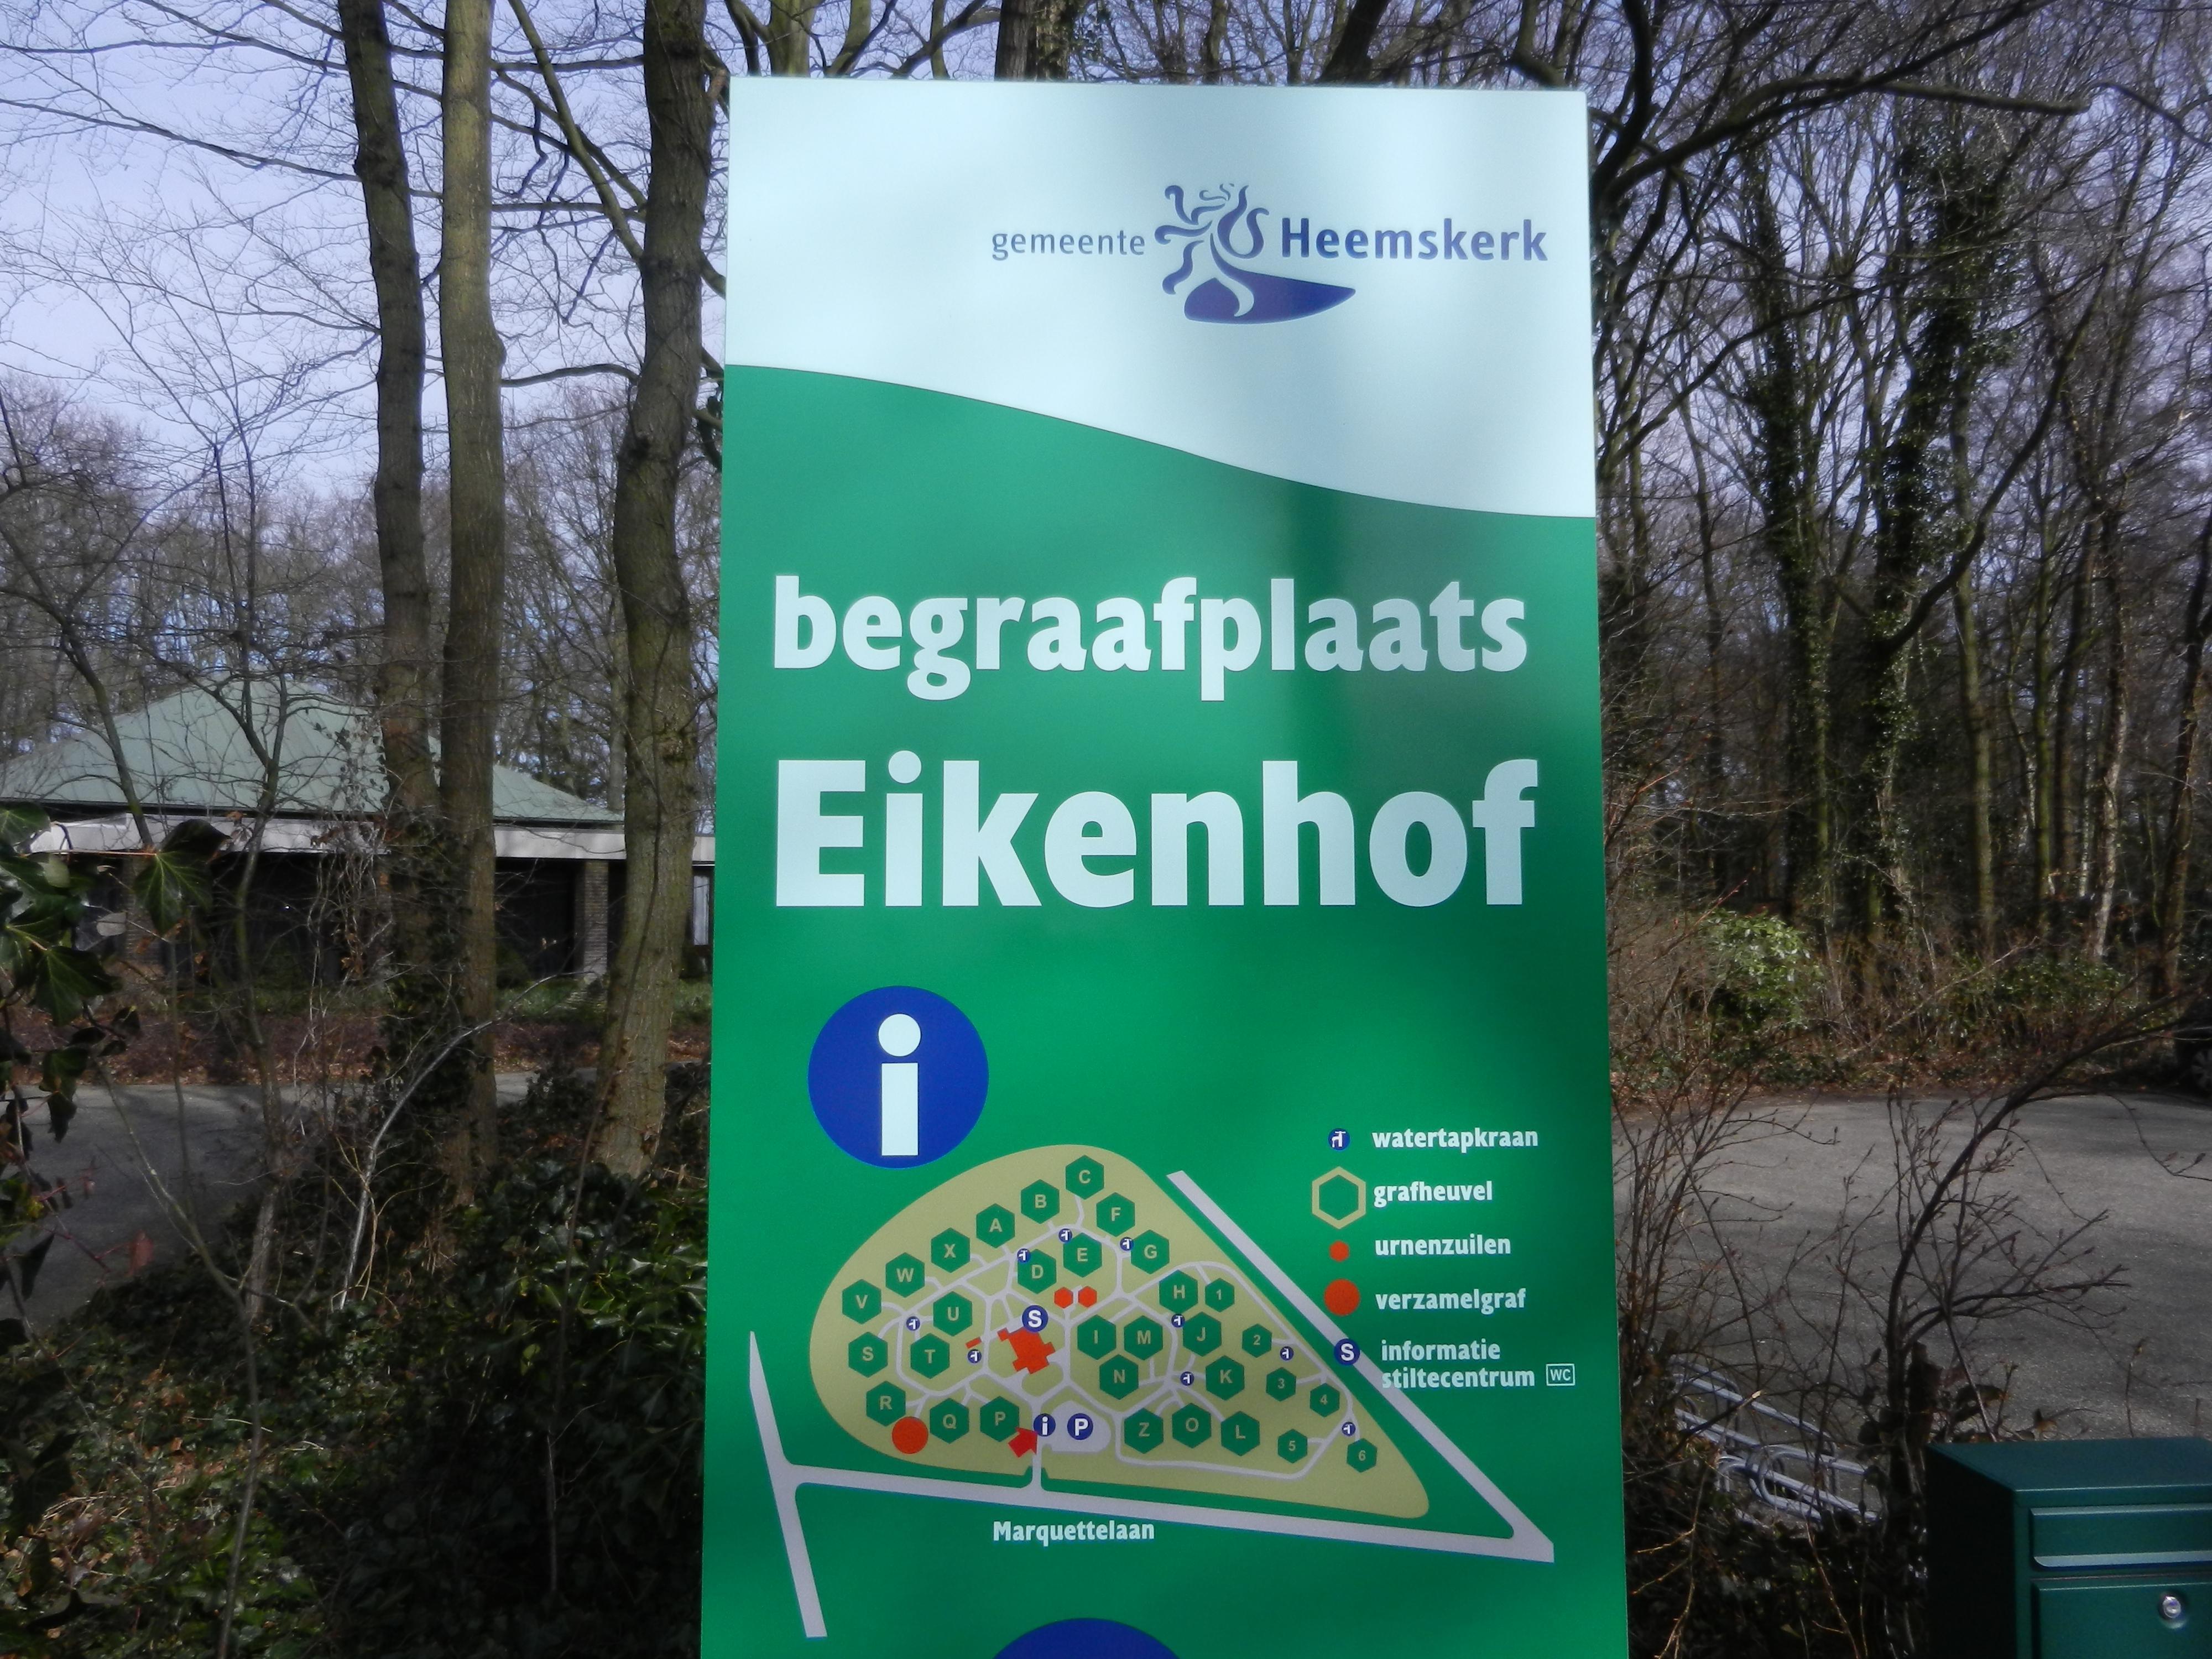 Maximaal honderd woningen mogelijk op Eikenhof 2 in Heemskerk. 'Compacte bebouwing, dan houden we zoveel groen in het gebied over'